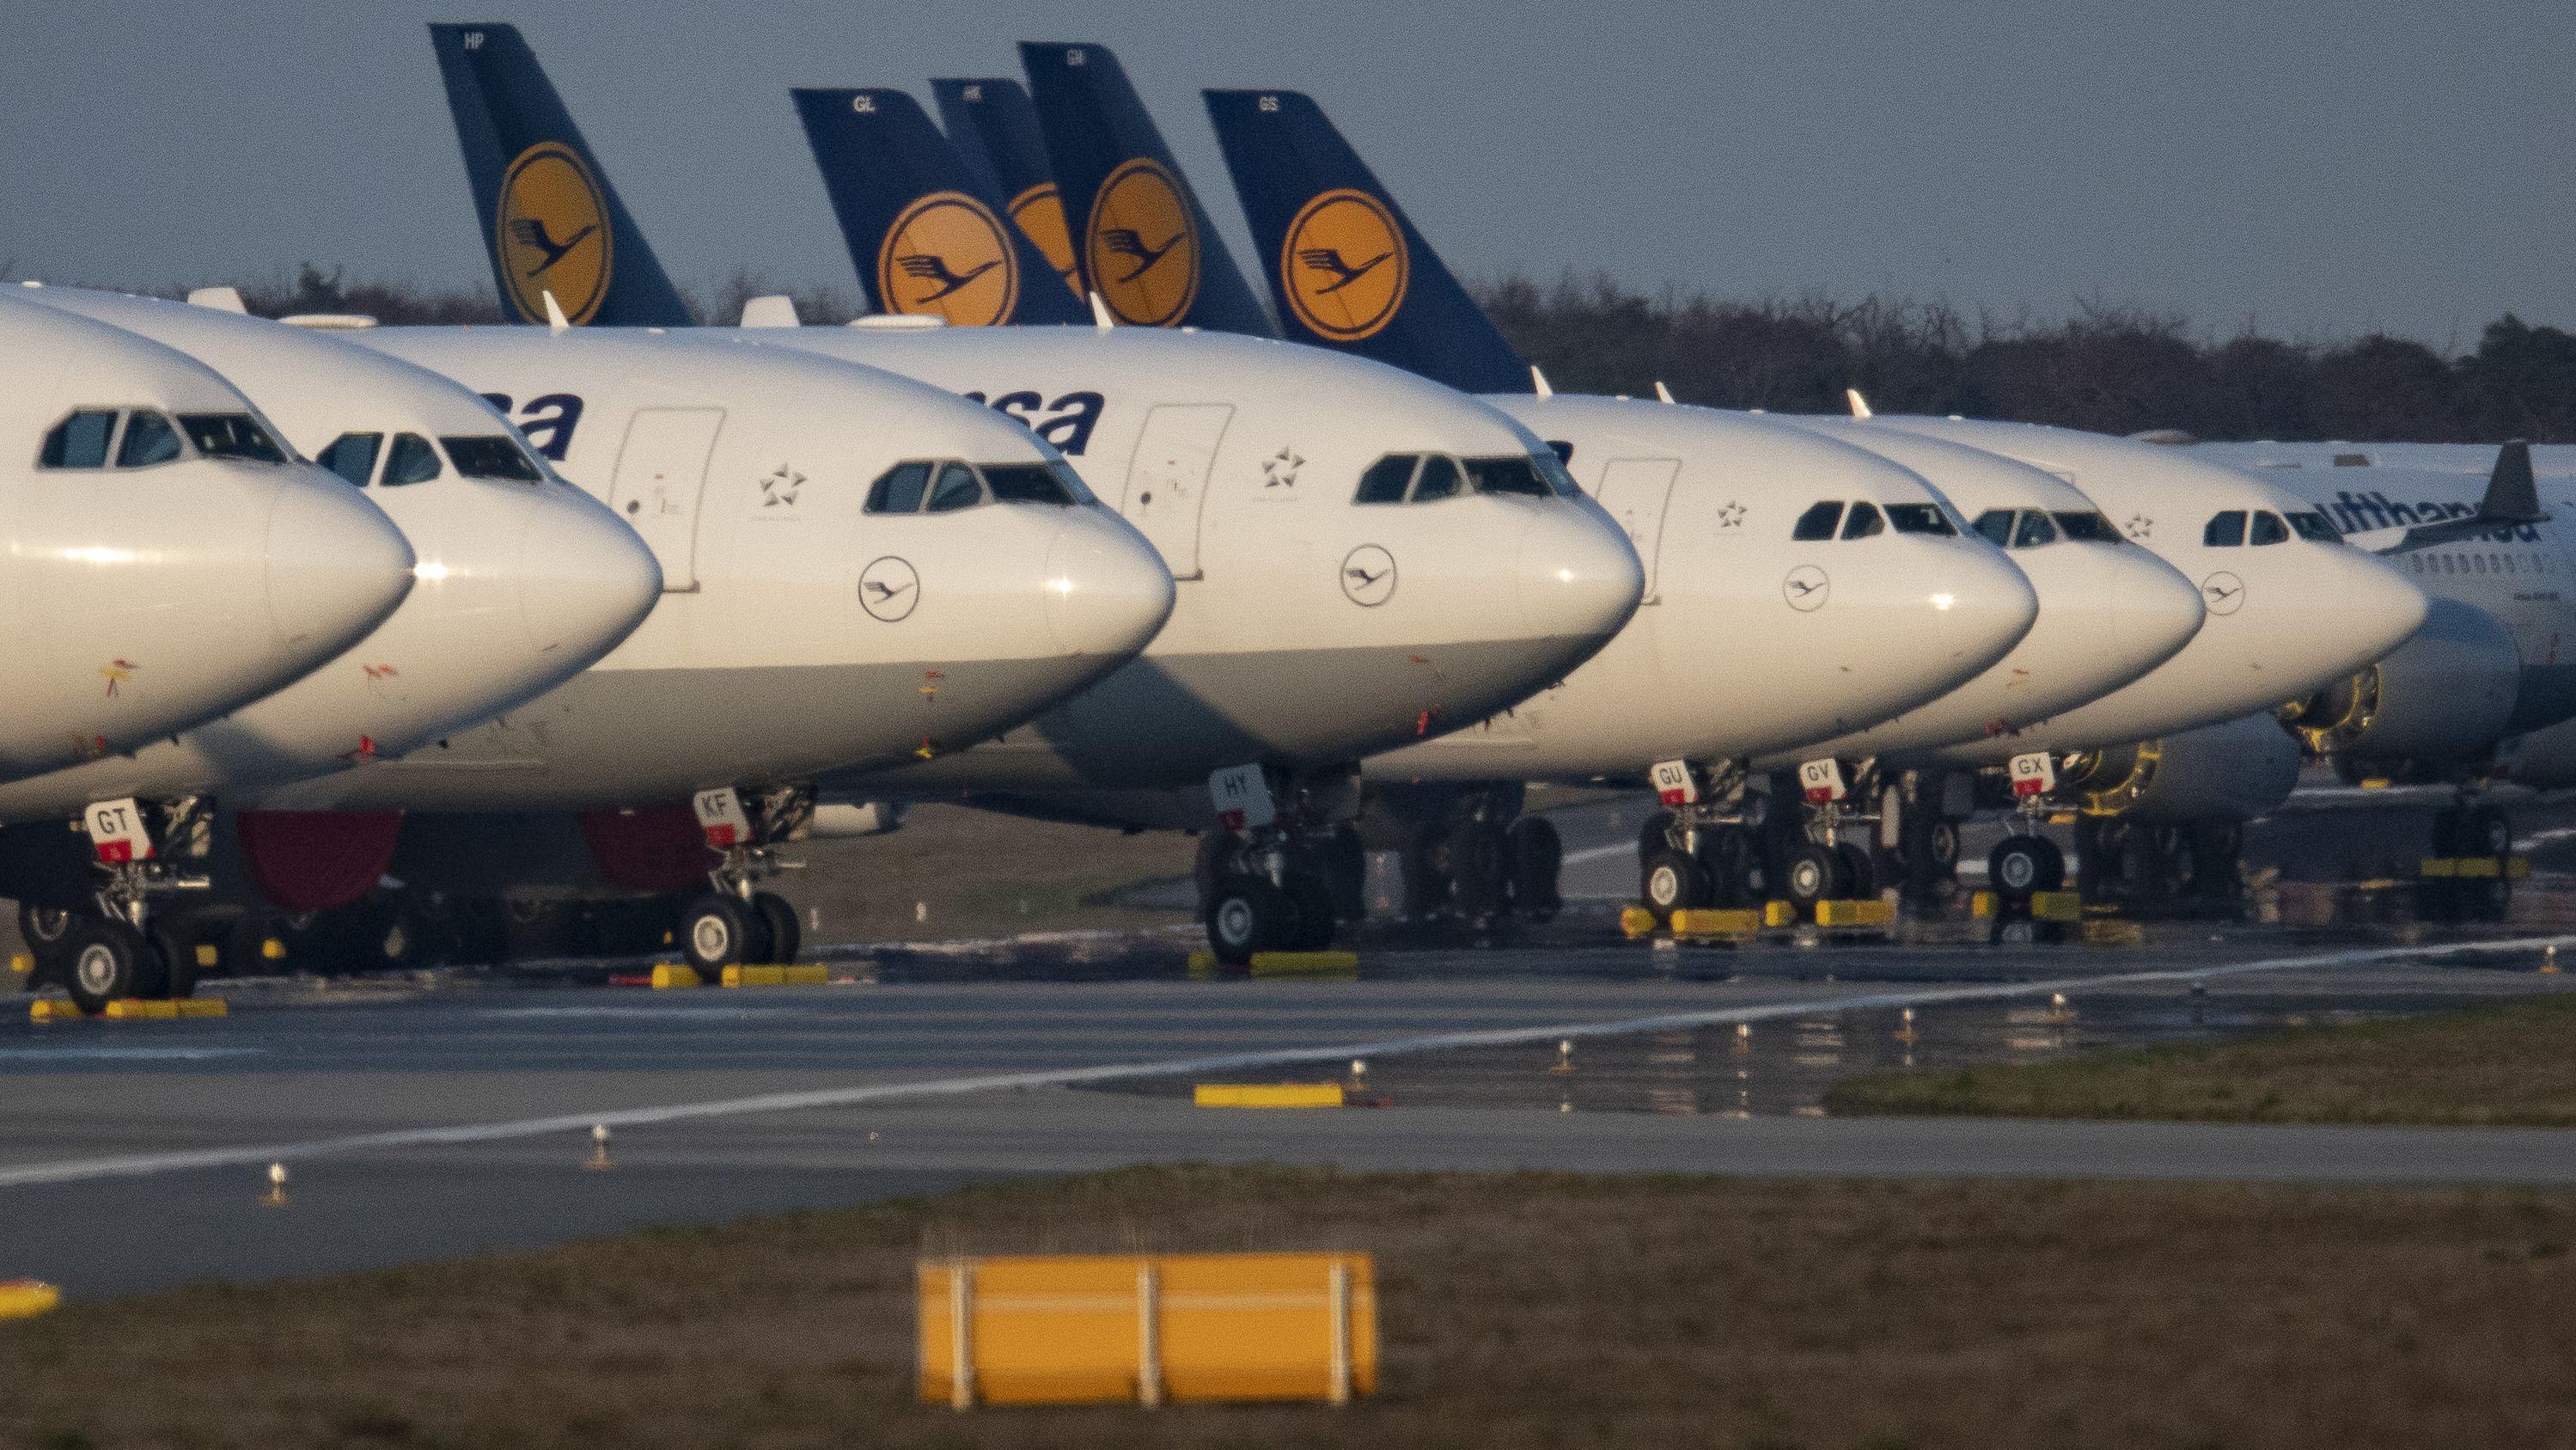 Passagiermaschinen der Lufthansa sind auf einer Landebahn geparkt.